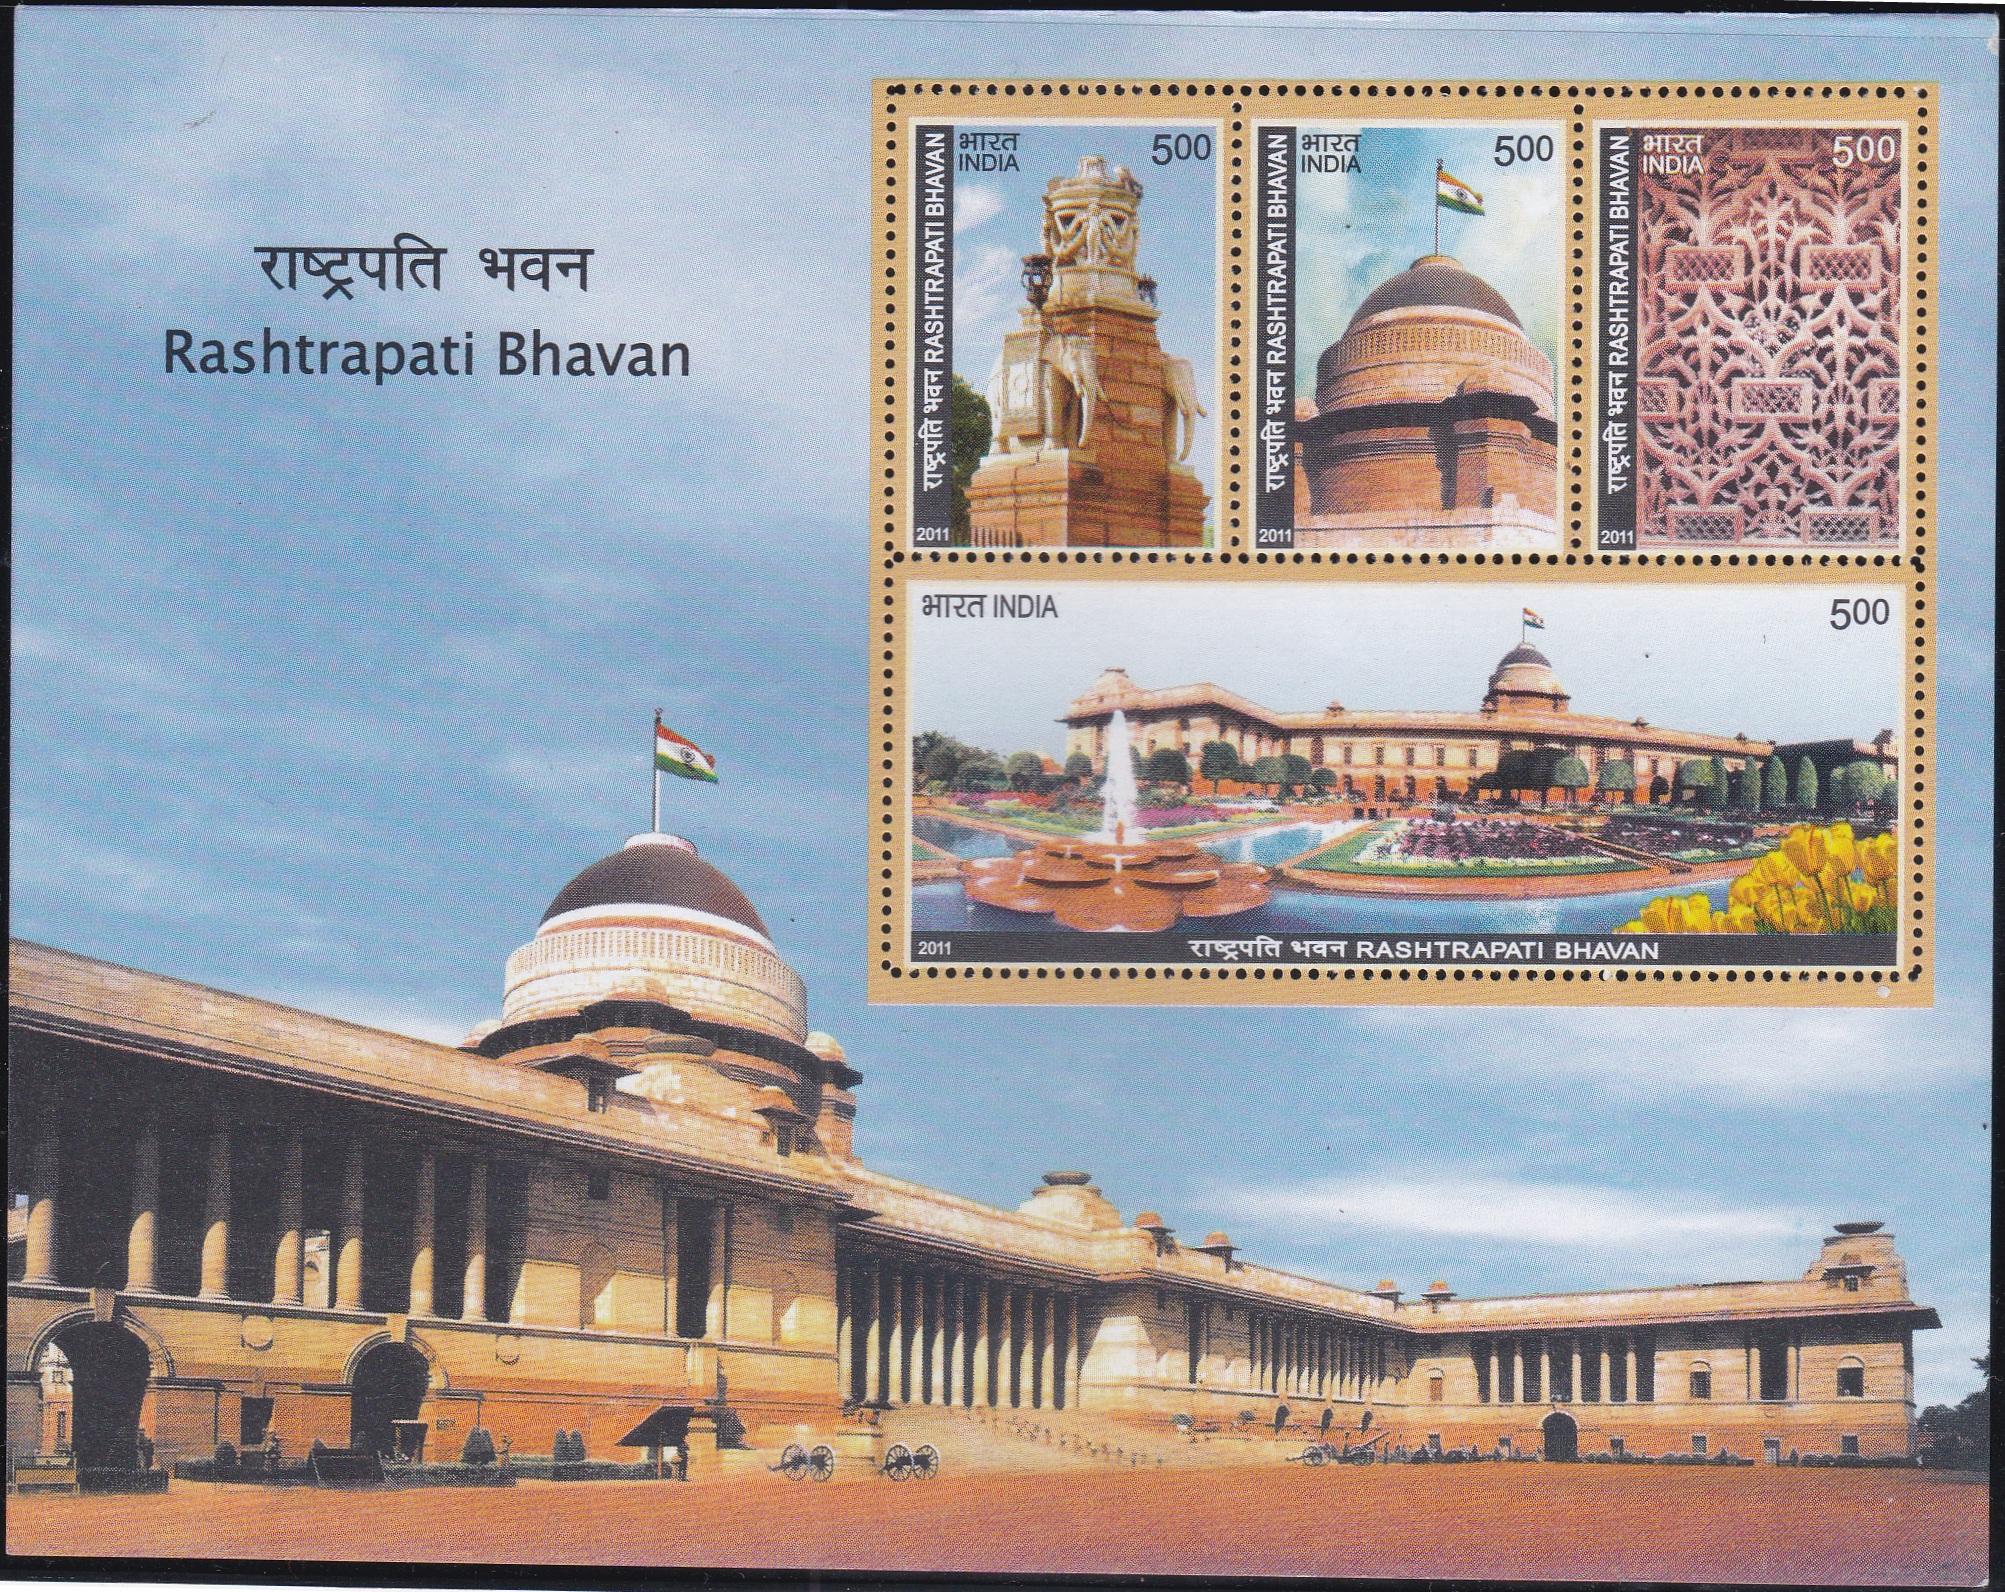 भारतीय राष्ट्रपति भवन